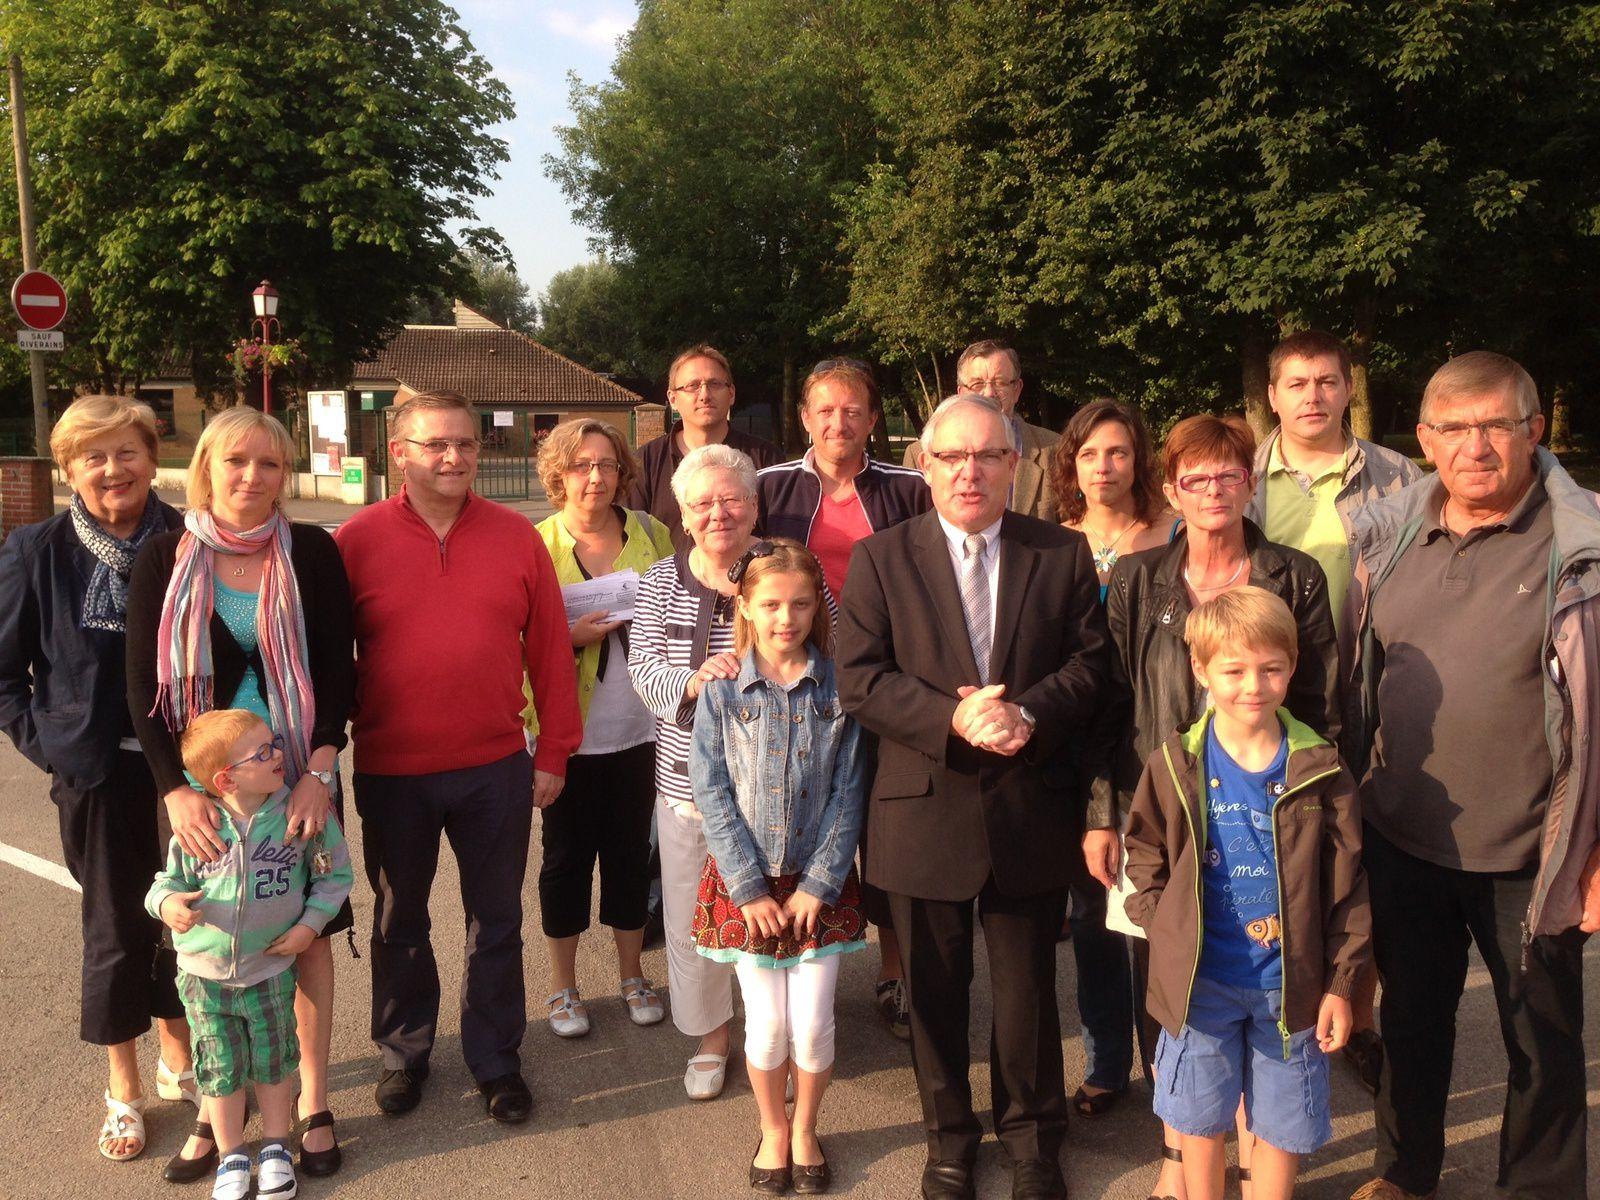 Mardi 24 juin, de 7h45 à 8h00 : nouveau soutien aux parents et élus de Bierne pour l'ouverture d'une classe en septembre.